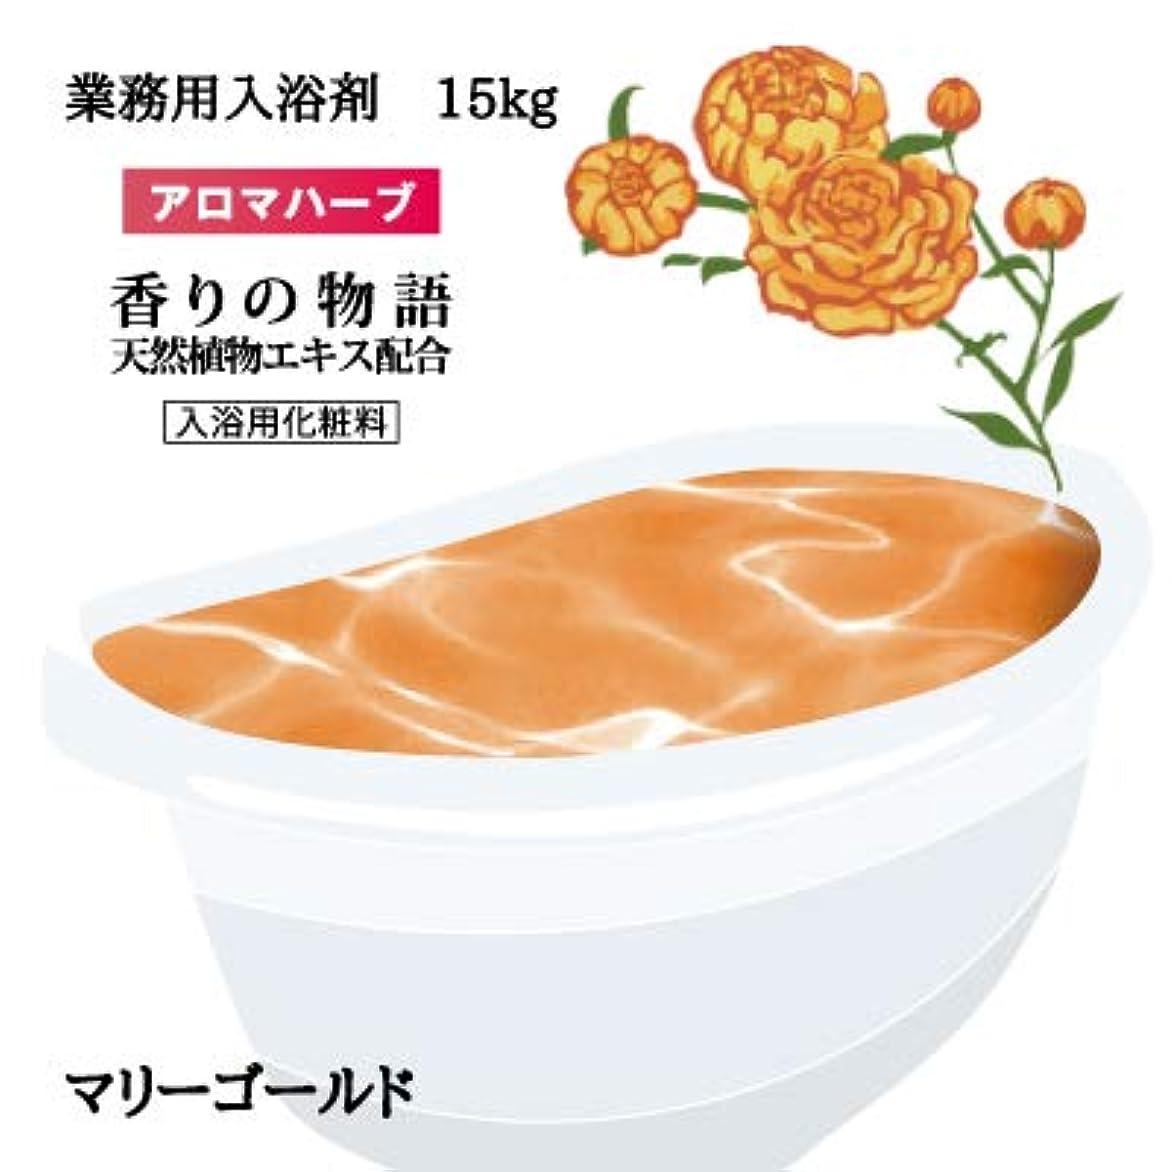 気味の悪いポーチトランジスタ業務用入浴剤「マリーゴールド」15Kg(7.5Kgx2袋入)GYM-MG